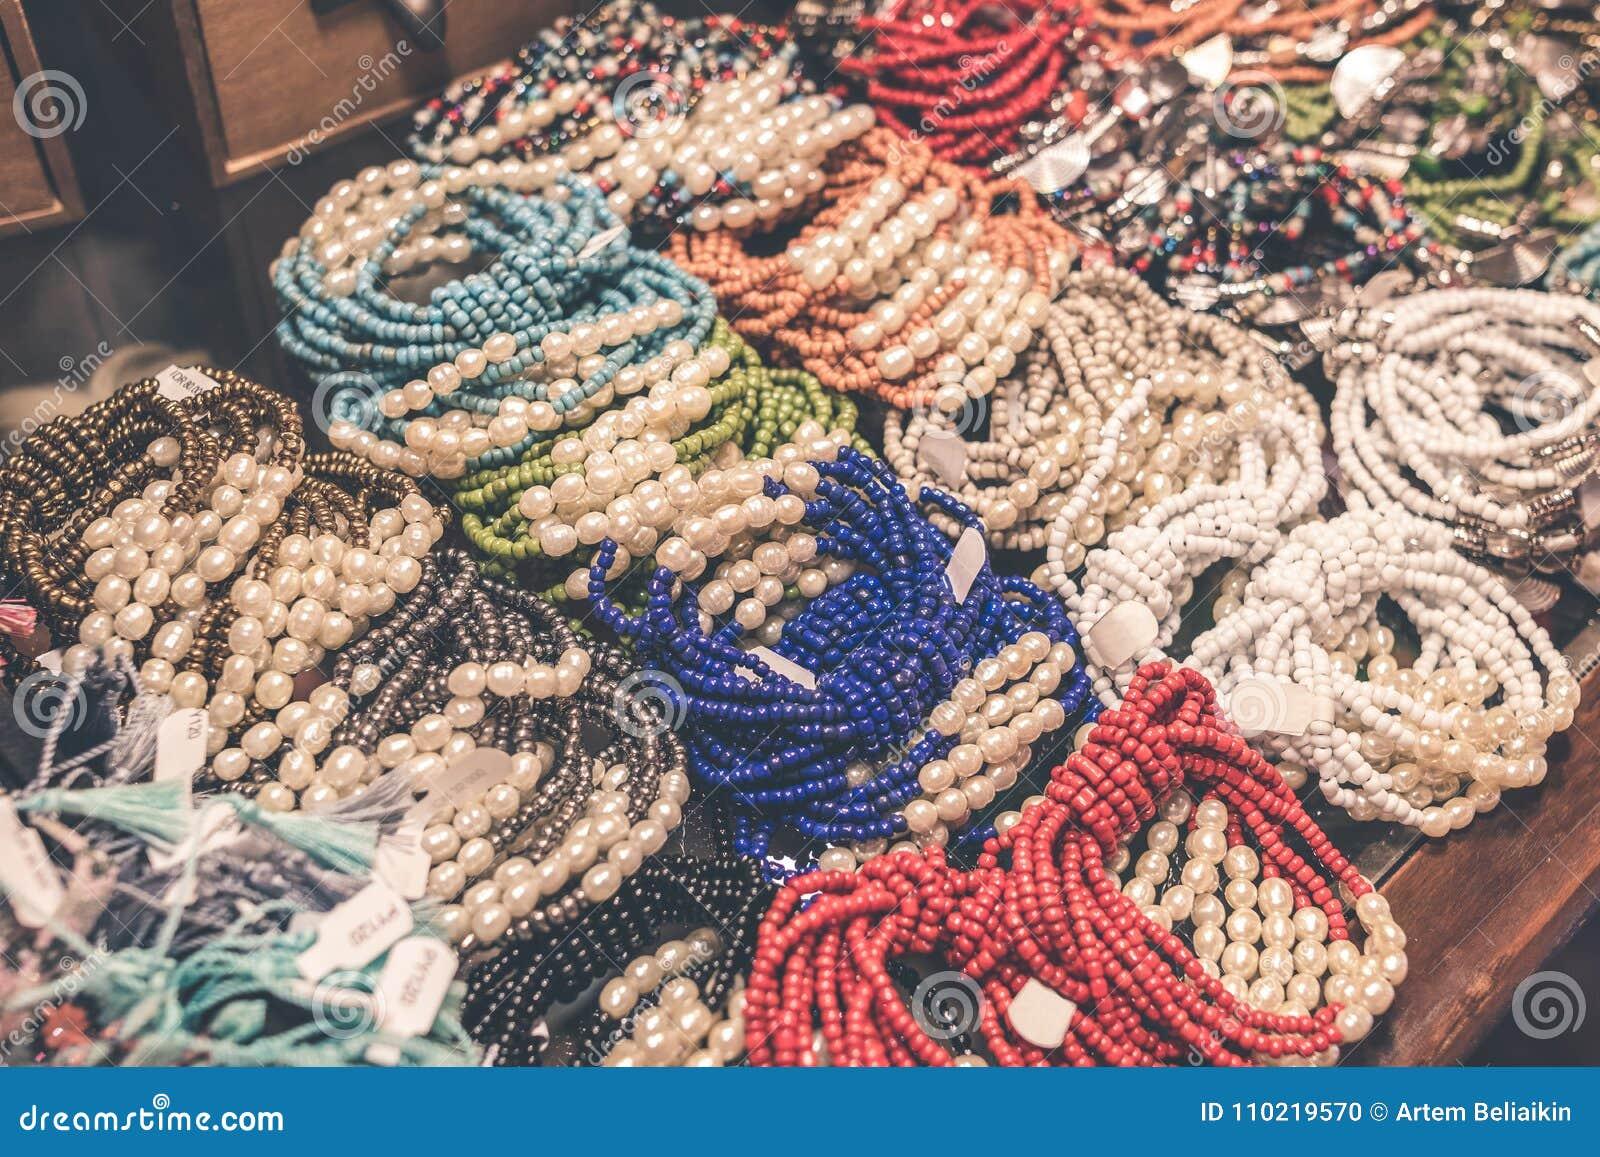 2355eb58f0f Women Bijouterie Accessories In The Store. Bali Island. Stock Photo ...